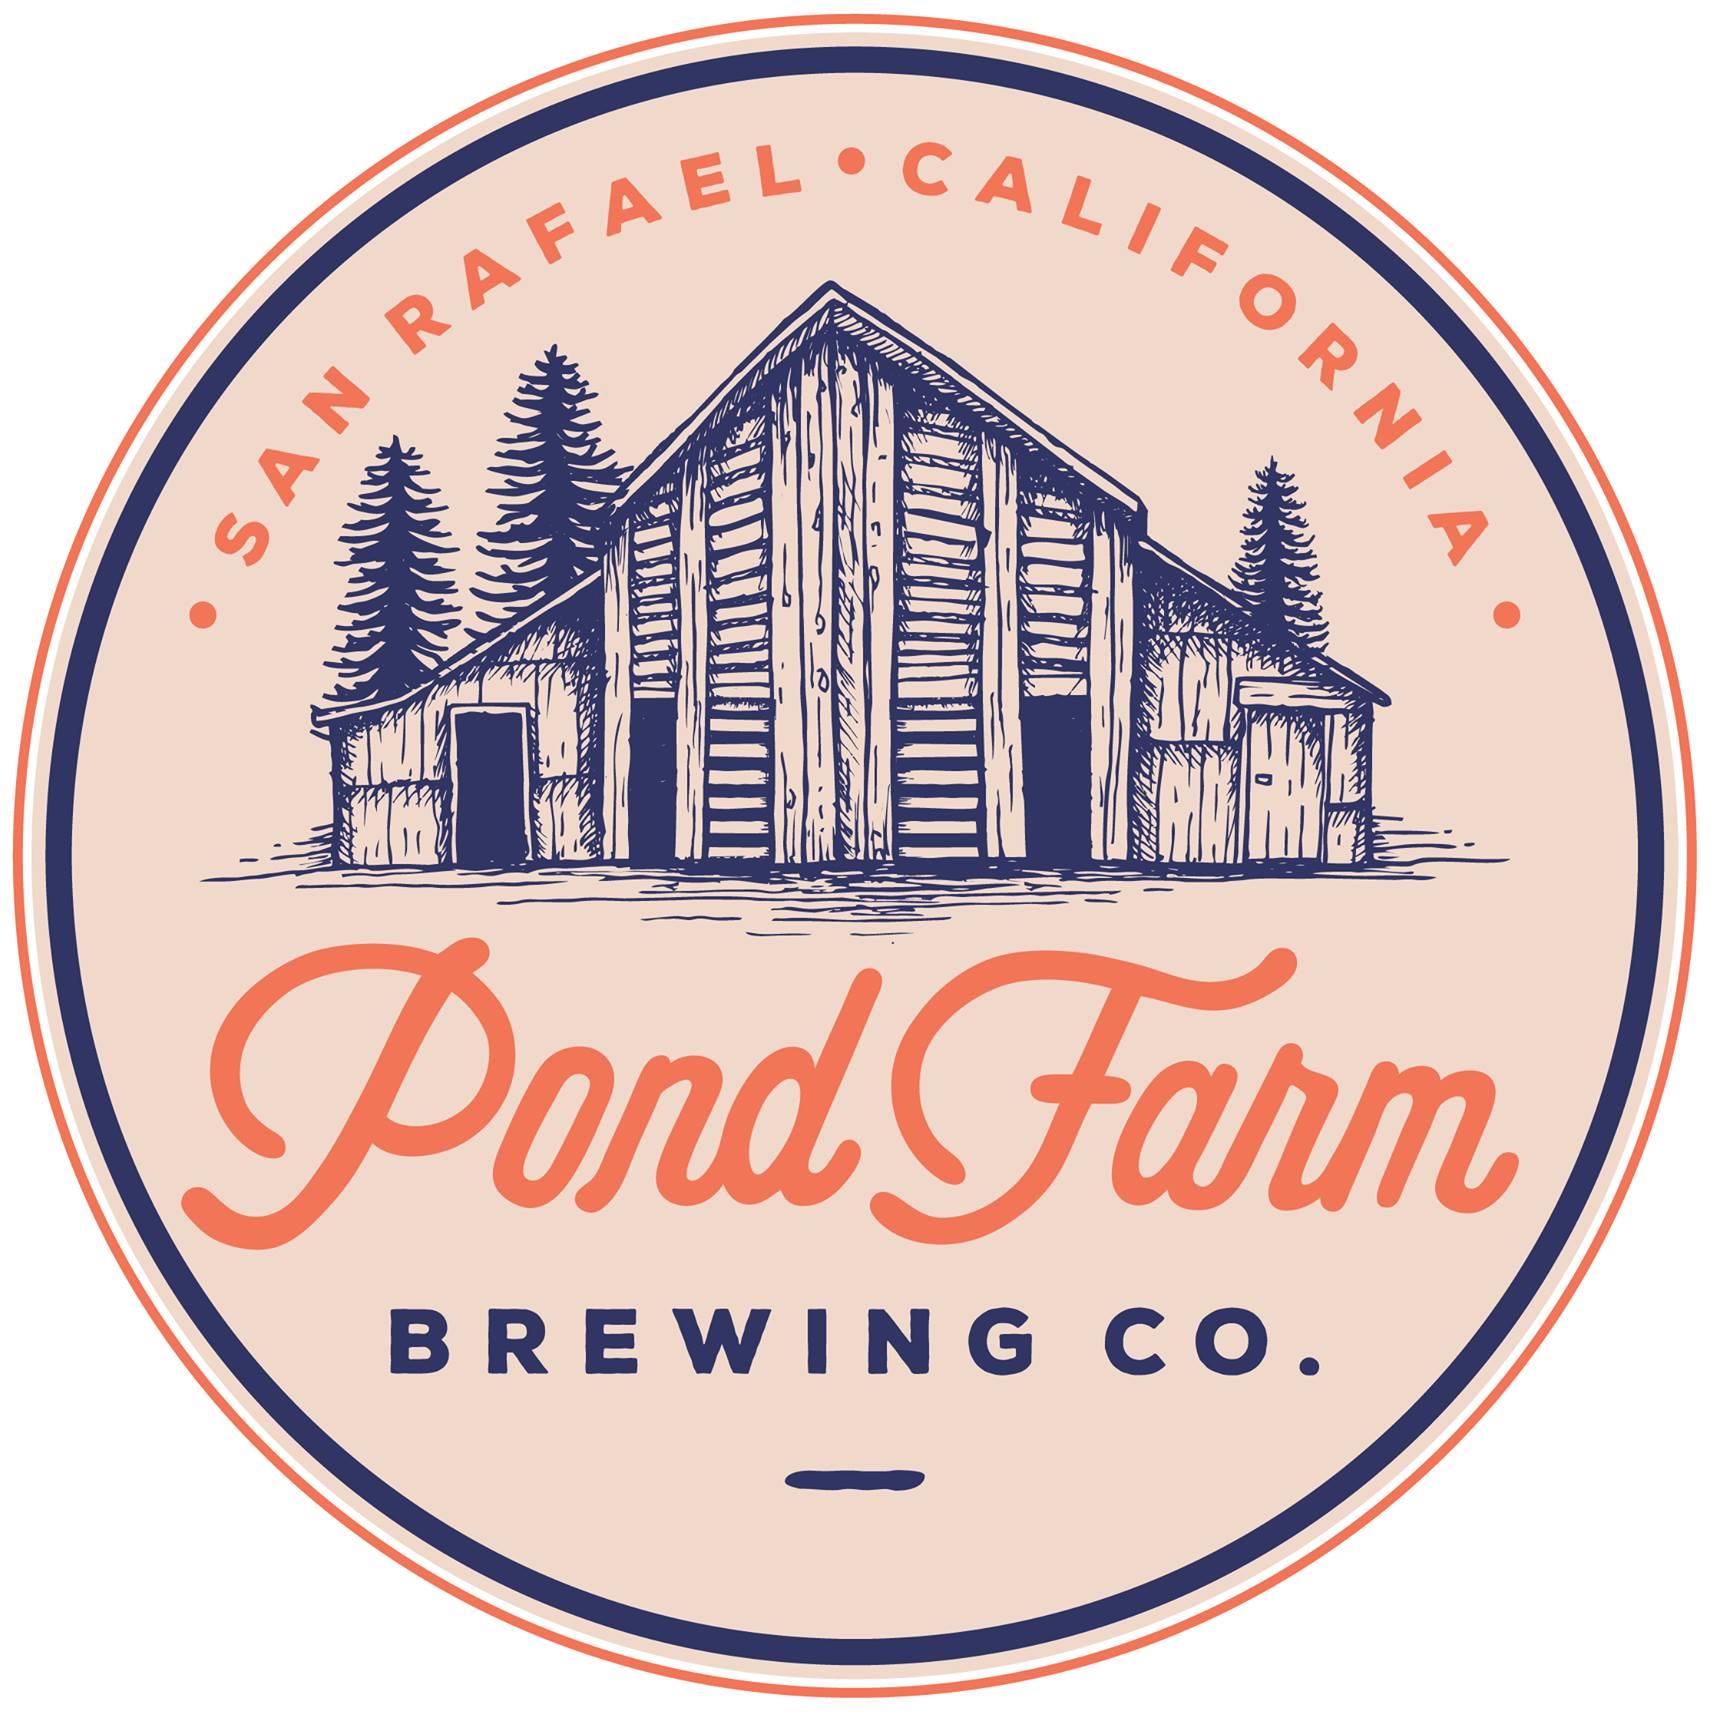 Pond Farm Brewing